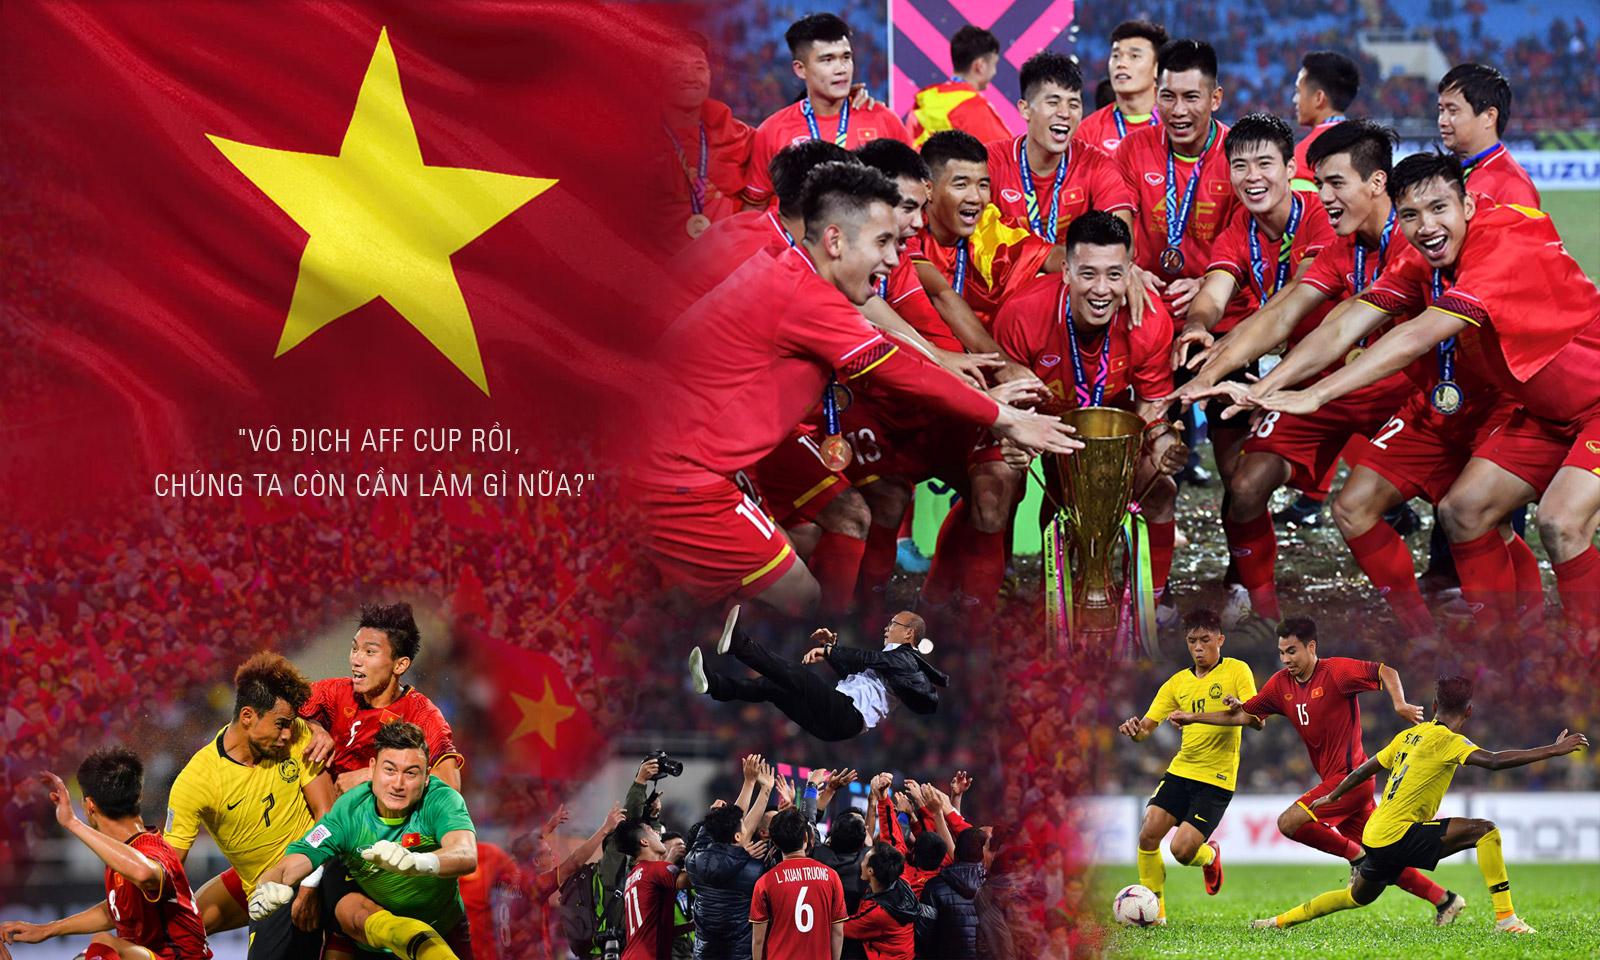 Vô địch AFF Cup rồi: Giờ ta phải làm gì?